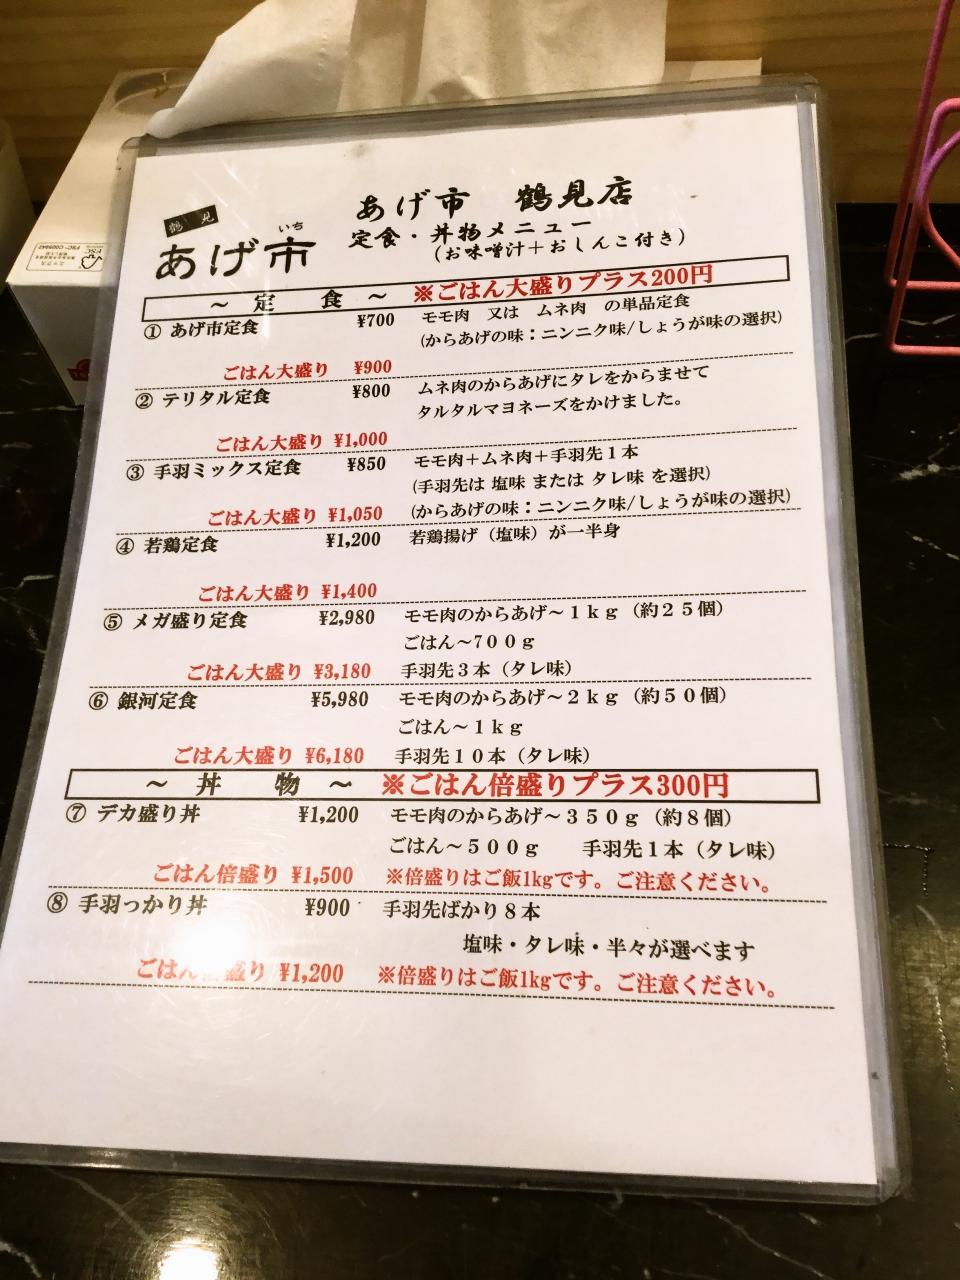 あげ市鶴見店(メニュー)